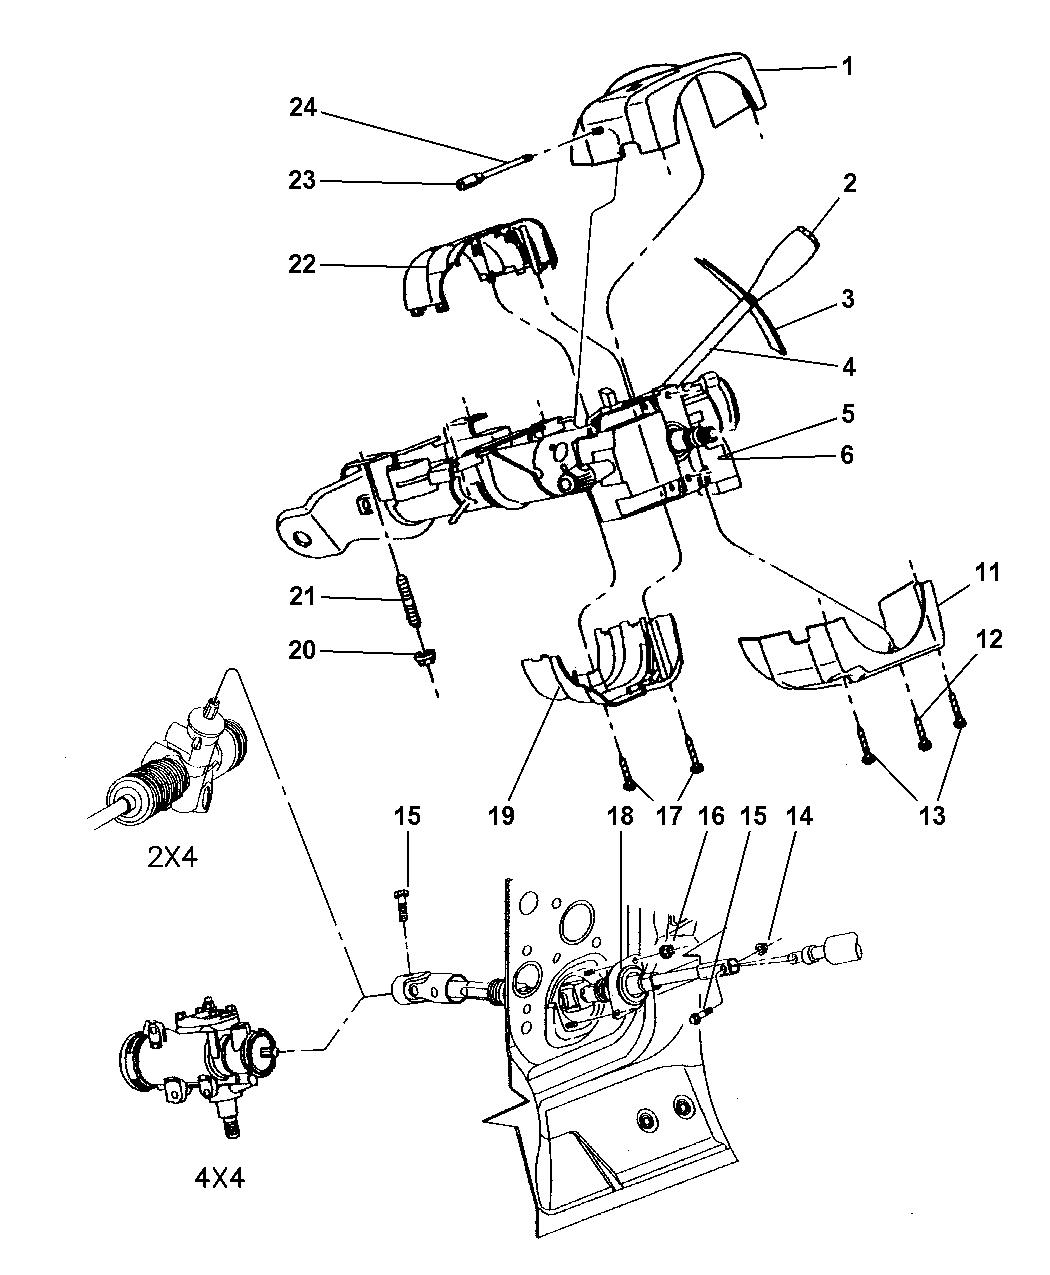 2000 Dodge Dakota Column, Steering, Upper & Lower